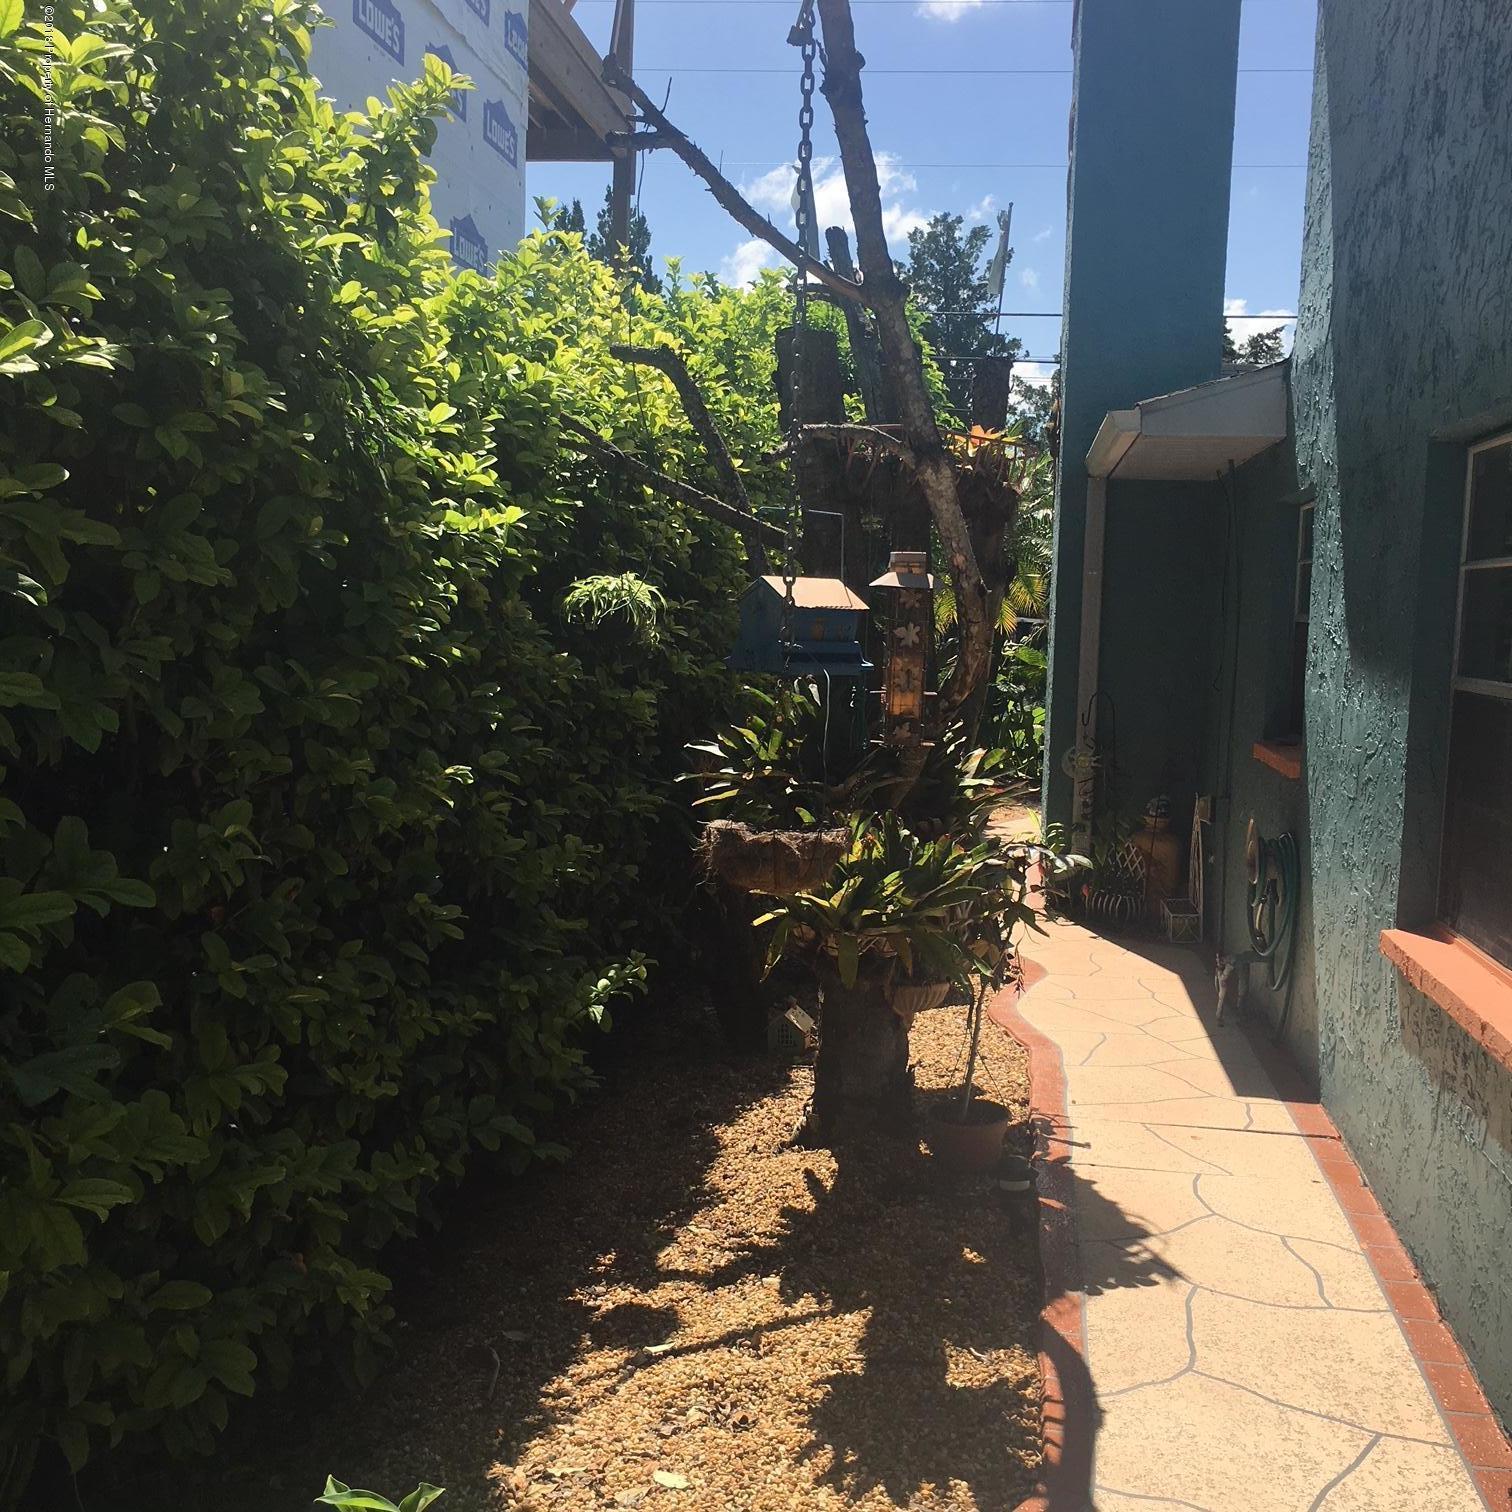 Image 6 For 3507 Companero Entra